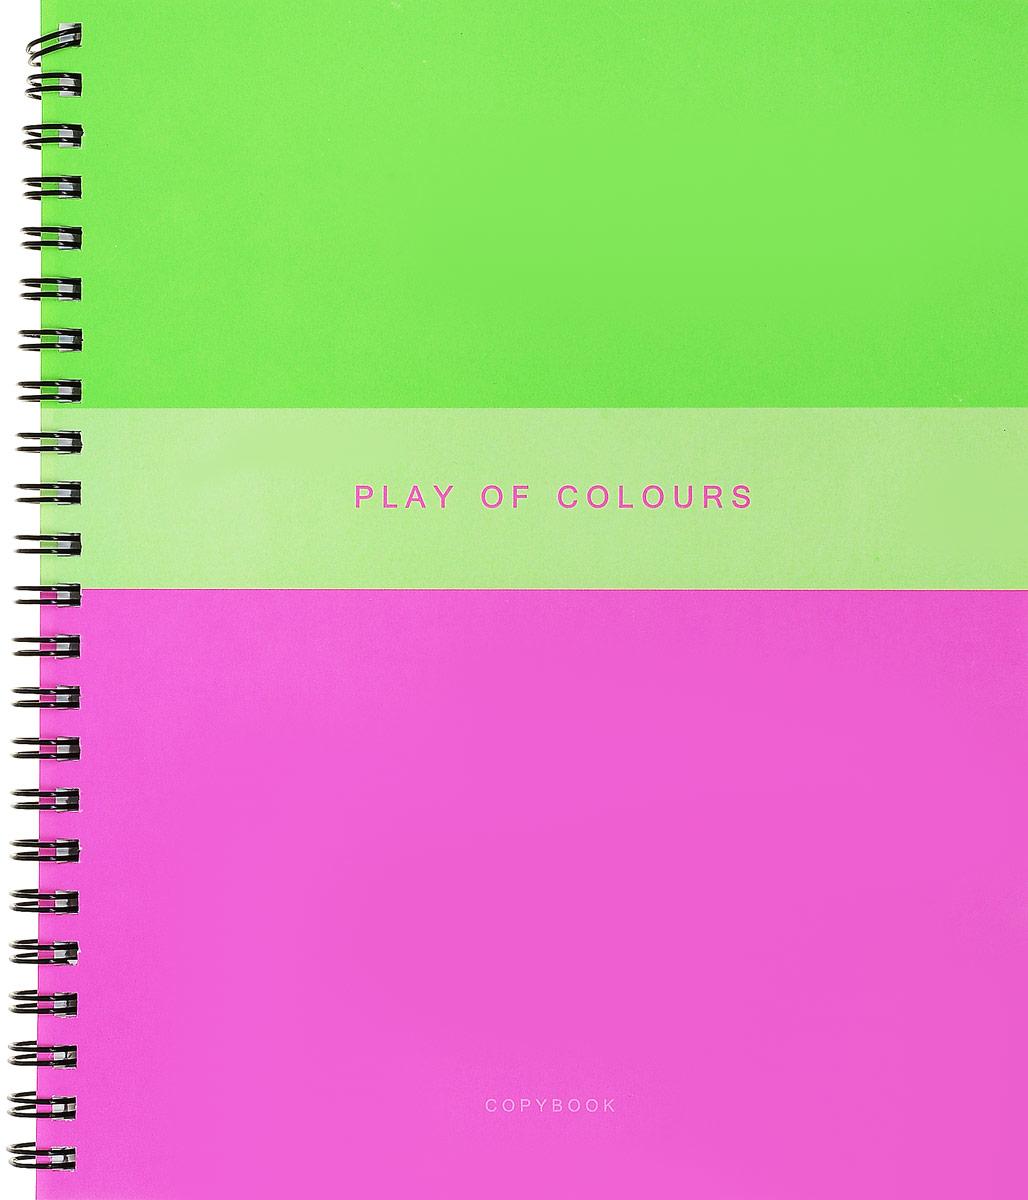 Канц-Эксмо Тетрадь Игра цвета 96 листов в клетку цвет розовый салатовыйТСЛ965233_бирюзовыйТетрадь общая Канц-Эксмо Игра цвета формат А5, 96 листов в клетку. Крепление - гребень. Обложка: мелованный картон, пантонная печать, выборочный лак. Внутренний блок: бумага офсетная 60 г/м2.